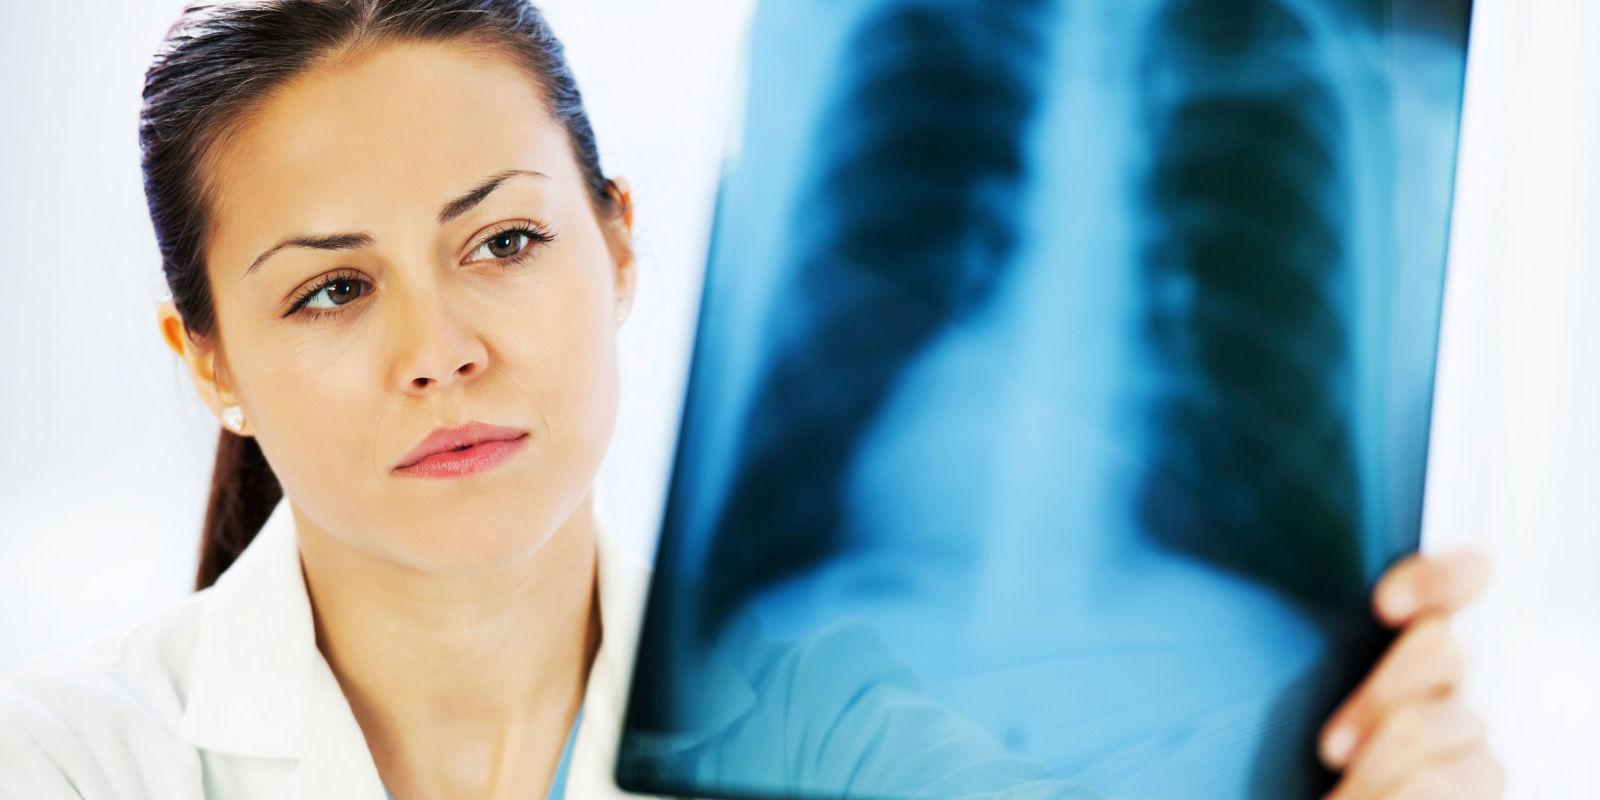 люди не должны умирать от туберкулеза, он излечим